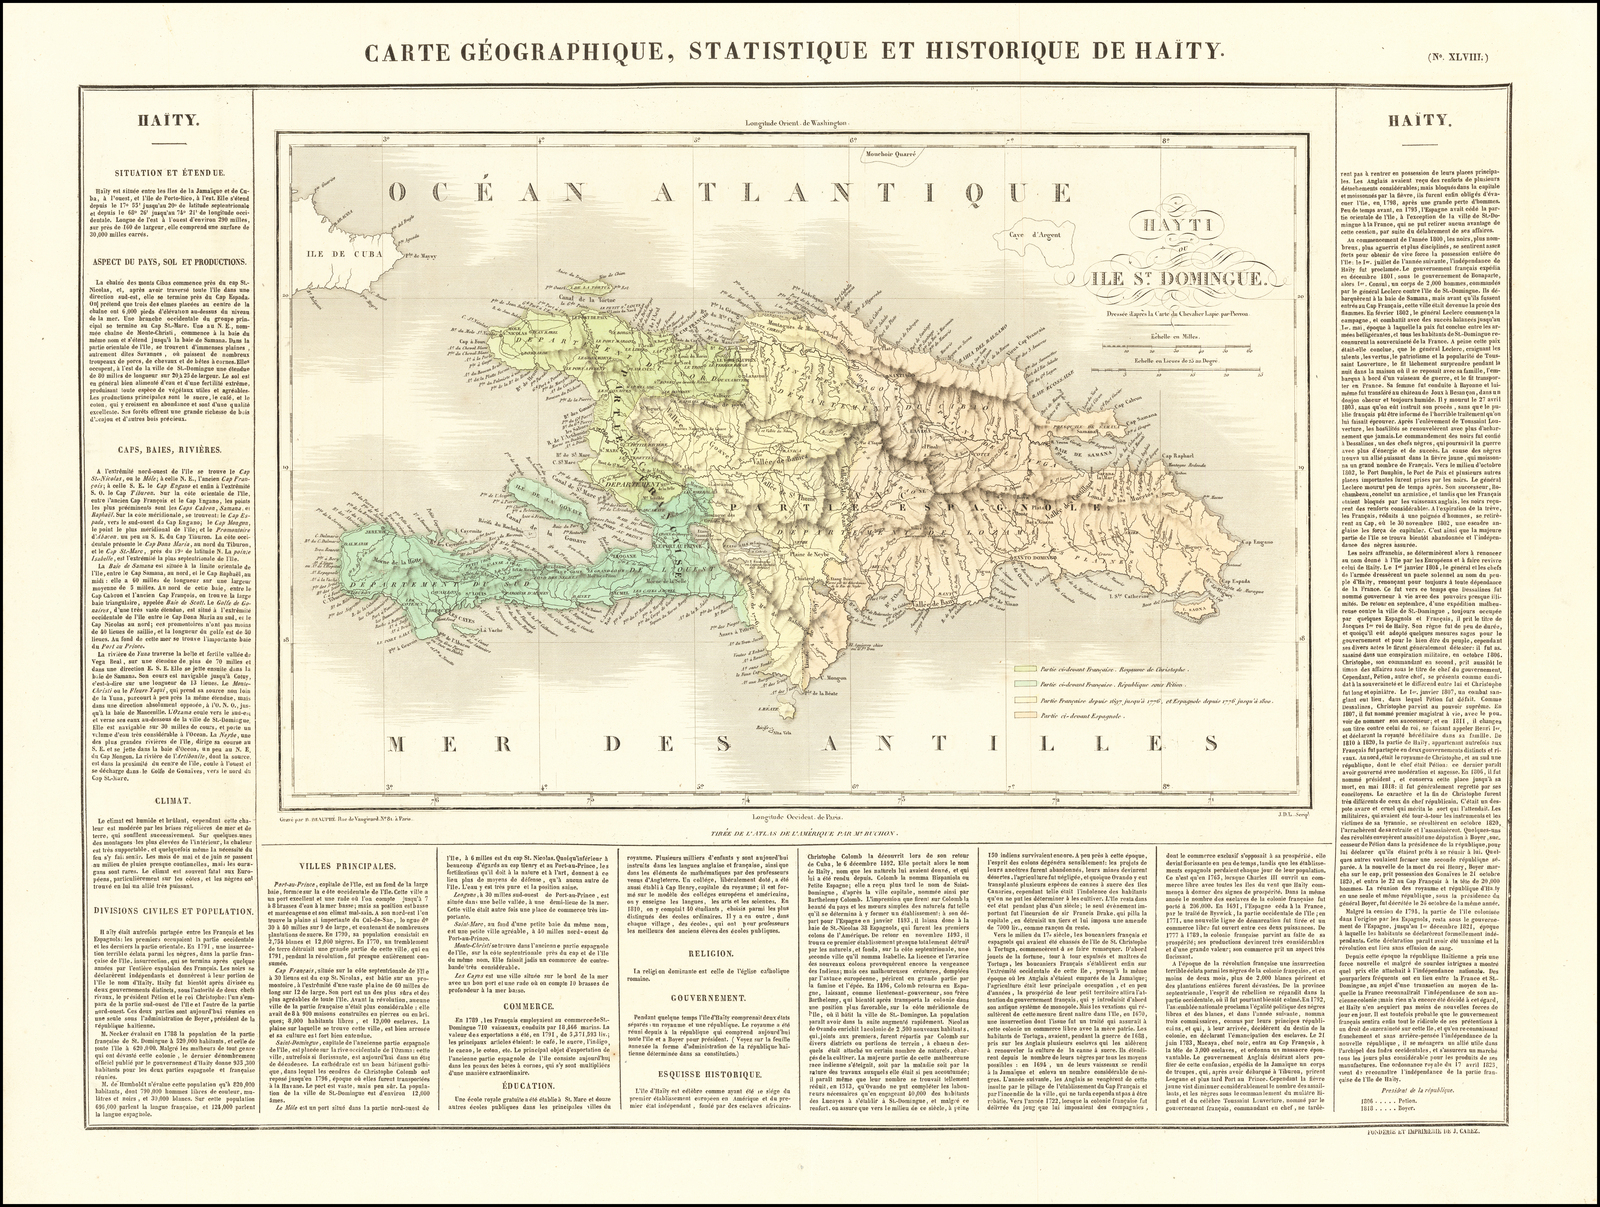 Carte Geographique, Statistique Et Historique Du Haity serapportantà Gap Sur La Carte De France